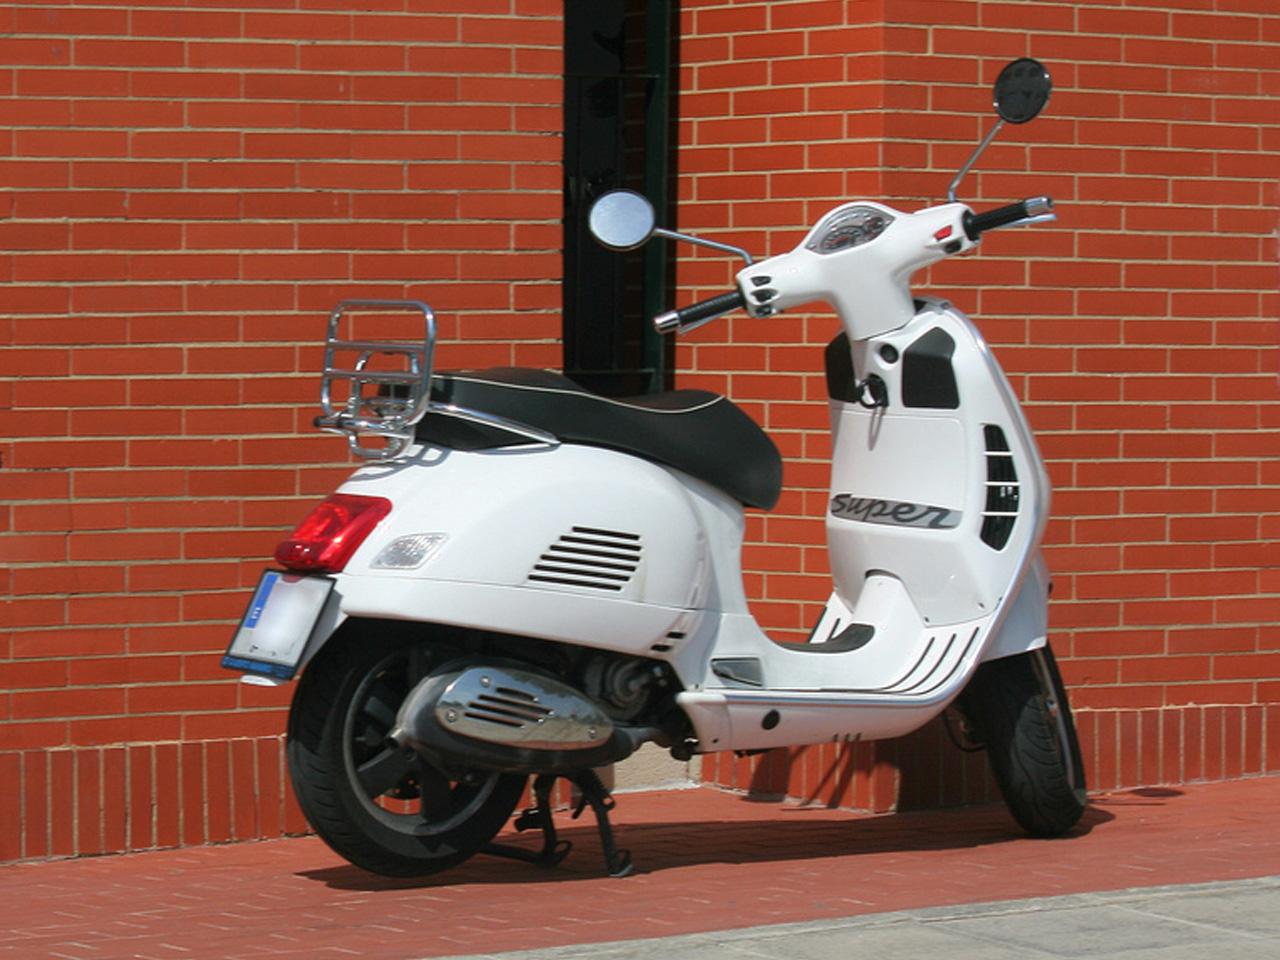 比亚乔摩托车_【比亚乔Piaggio VESPA GTS 250摩托车图片】_摩托车图片库_摩托车之家